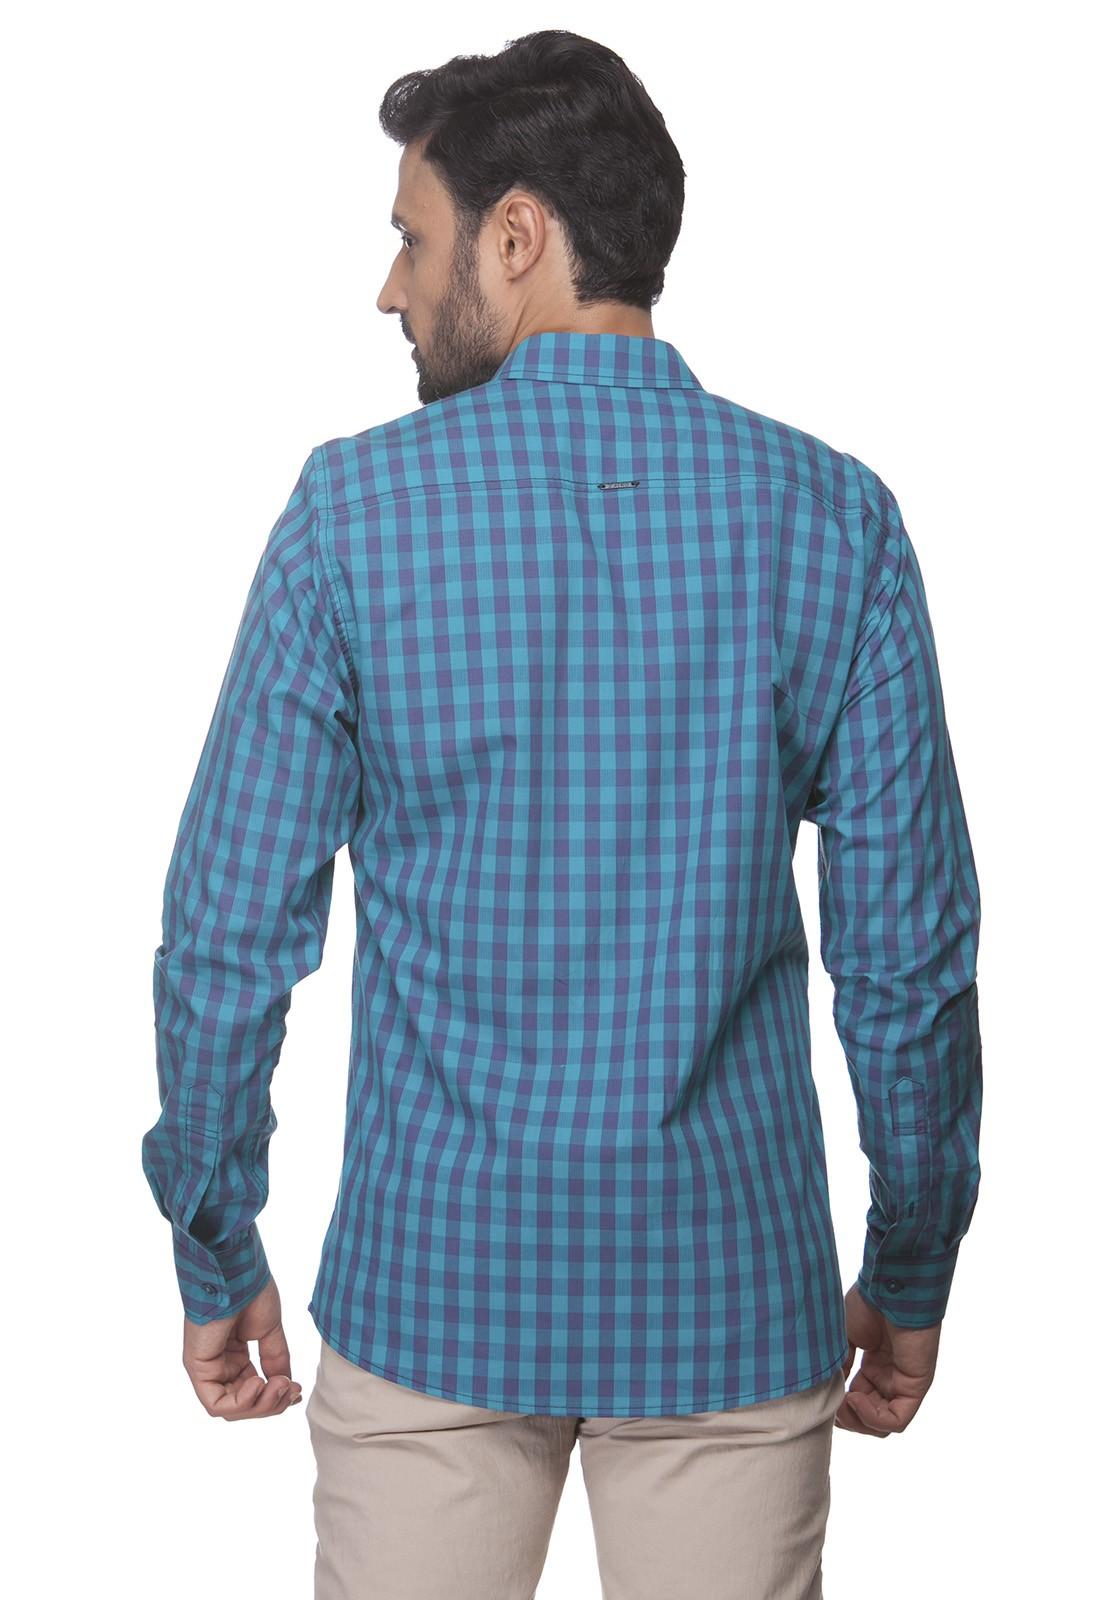 Camisa Slim Zaiko Xadrez Manga Longa 2350